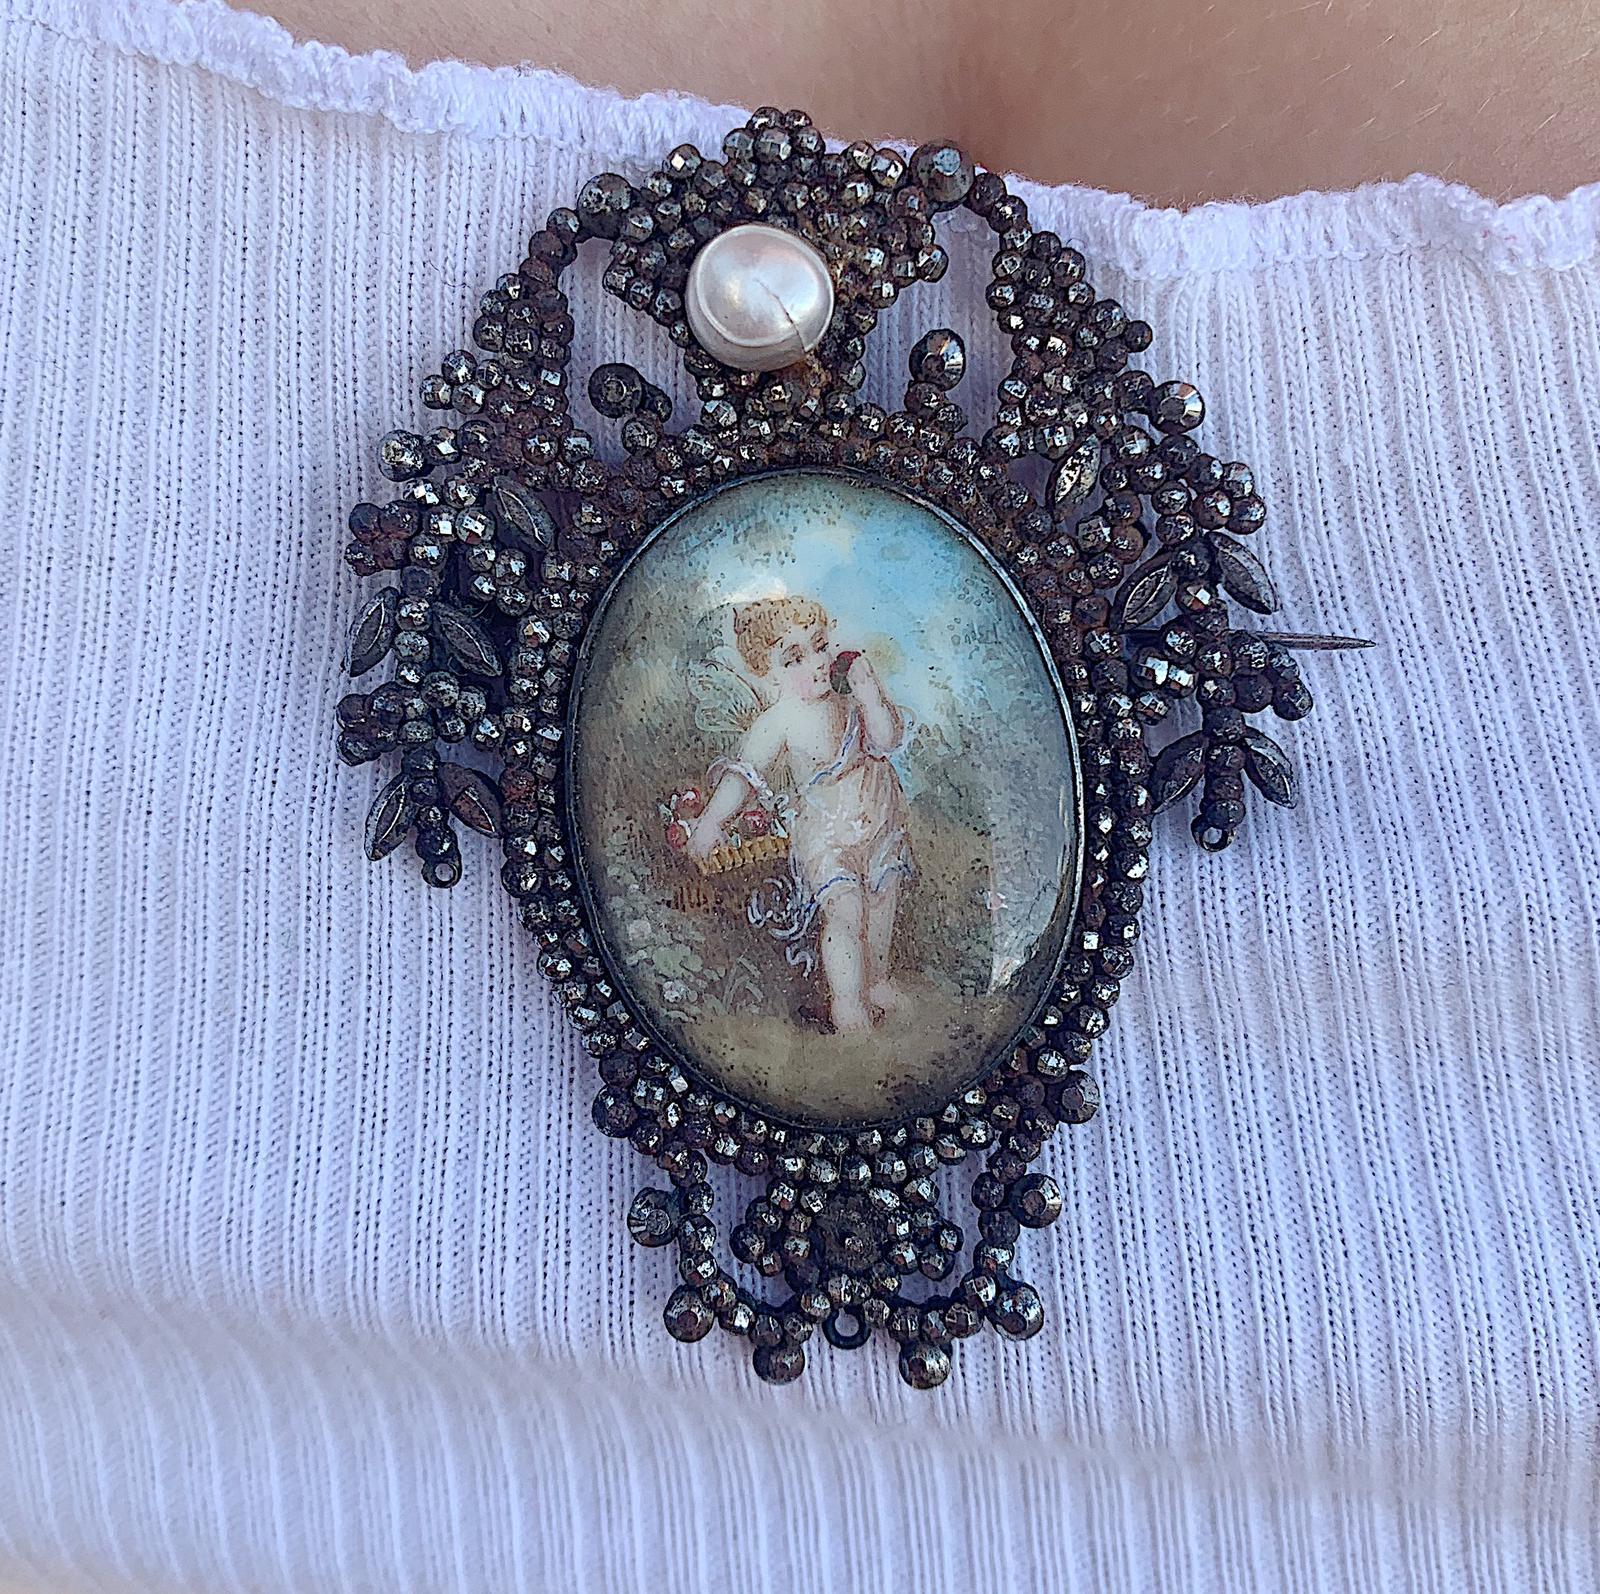 סיכה ג'ורג'יאנית מרהיבה, עם ציור יד מרהיב של מלאכית ומסגרת עם קאט סטיל.